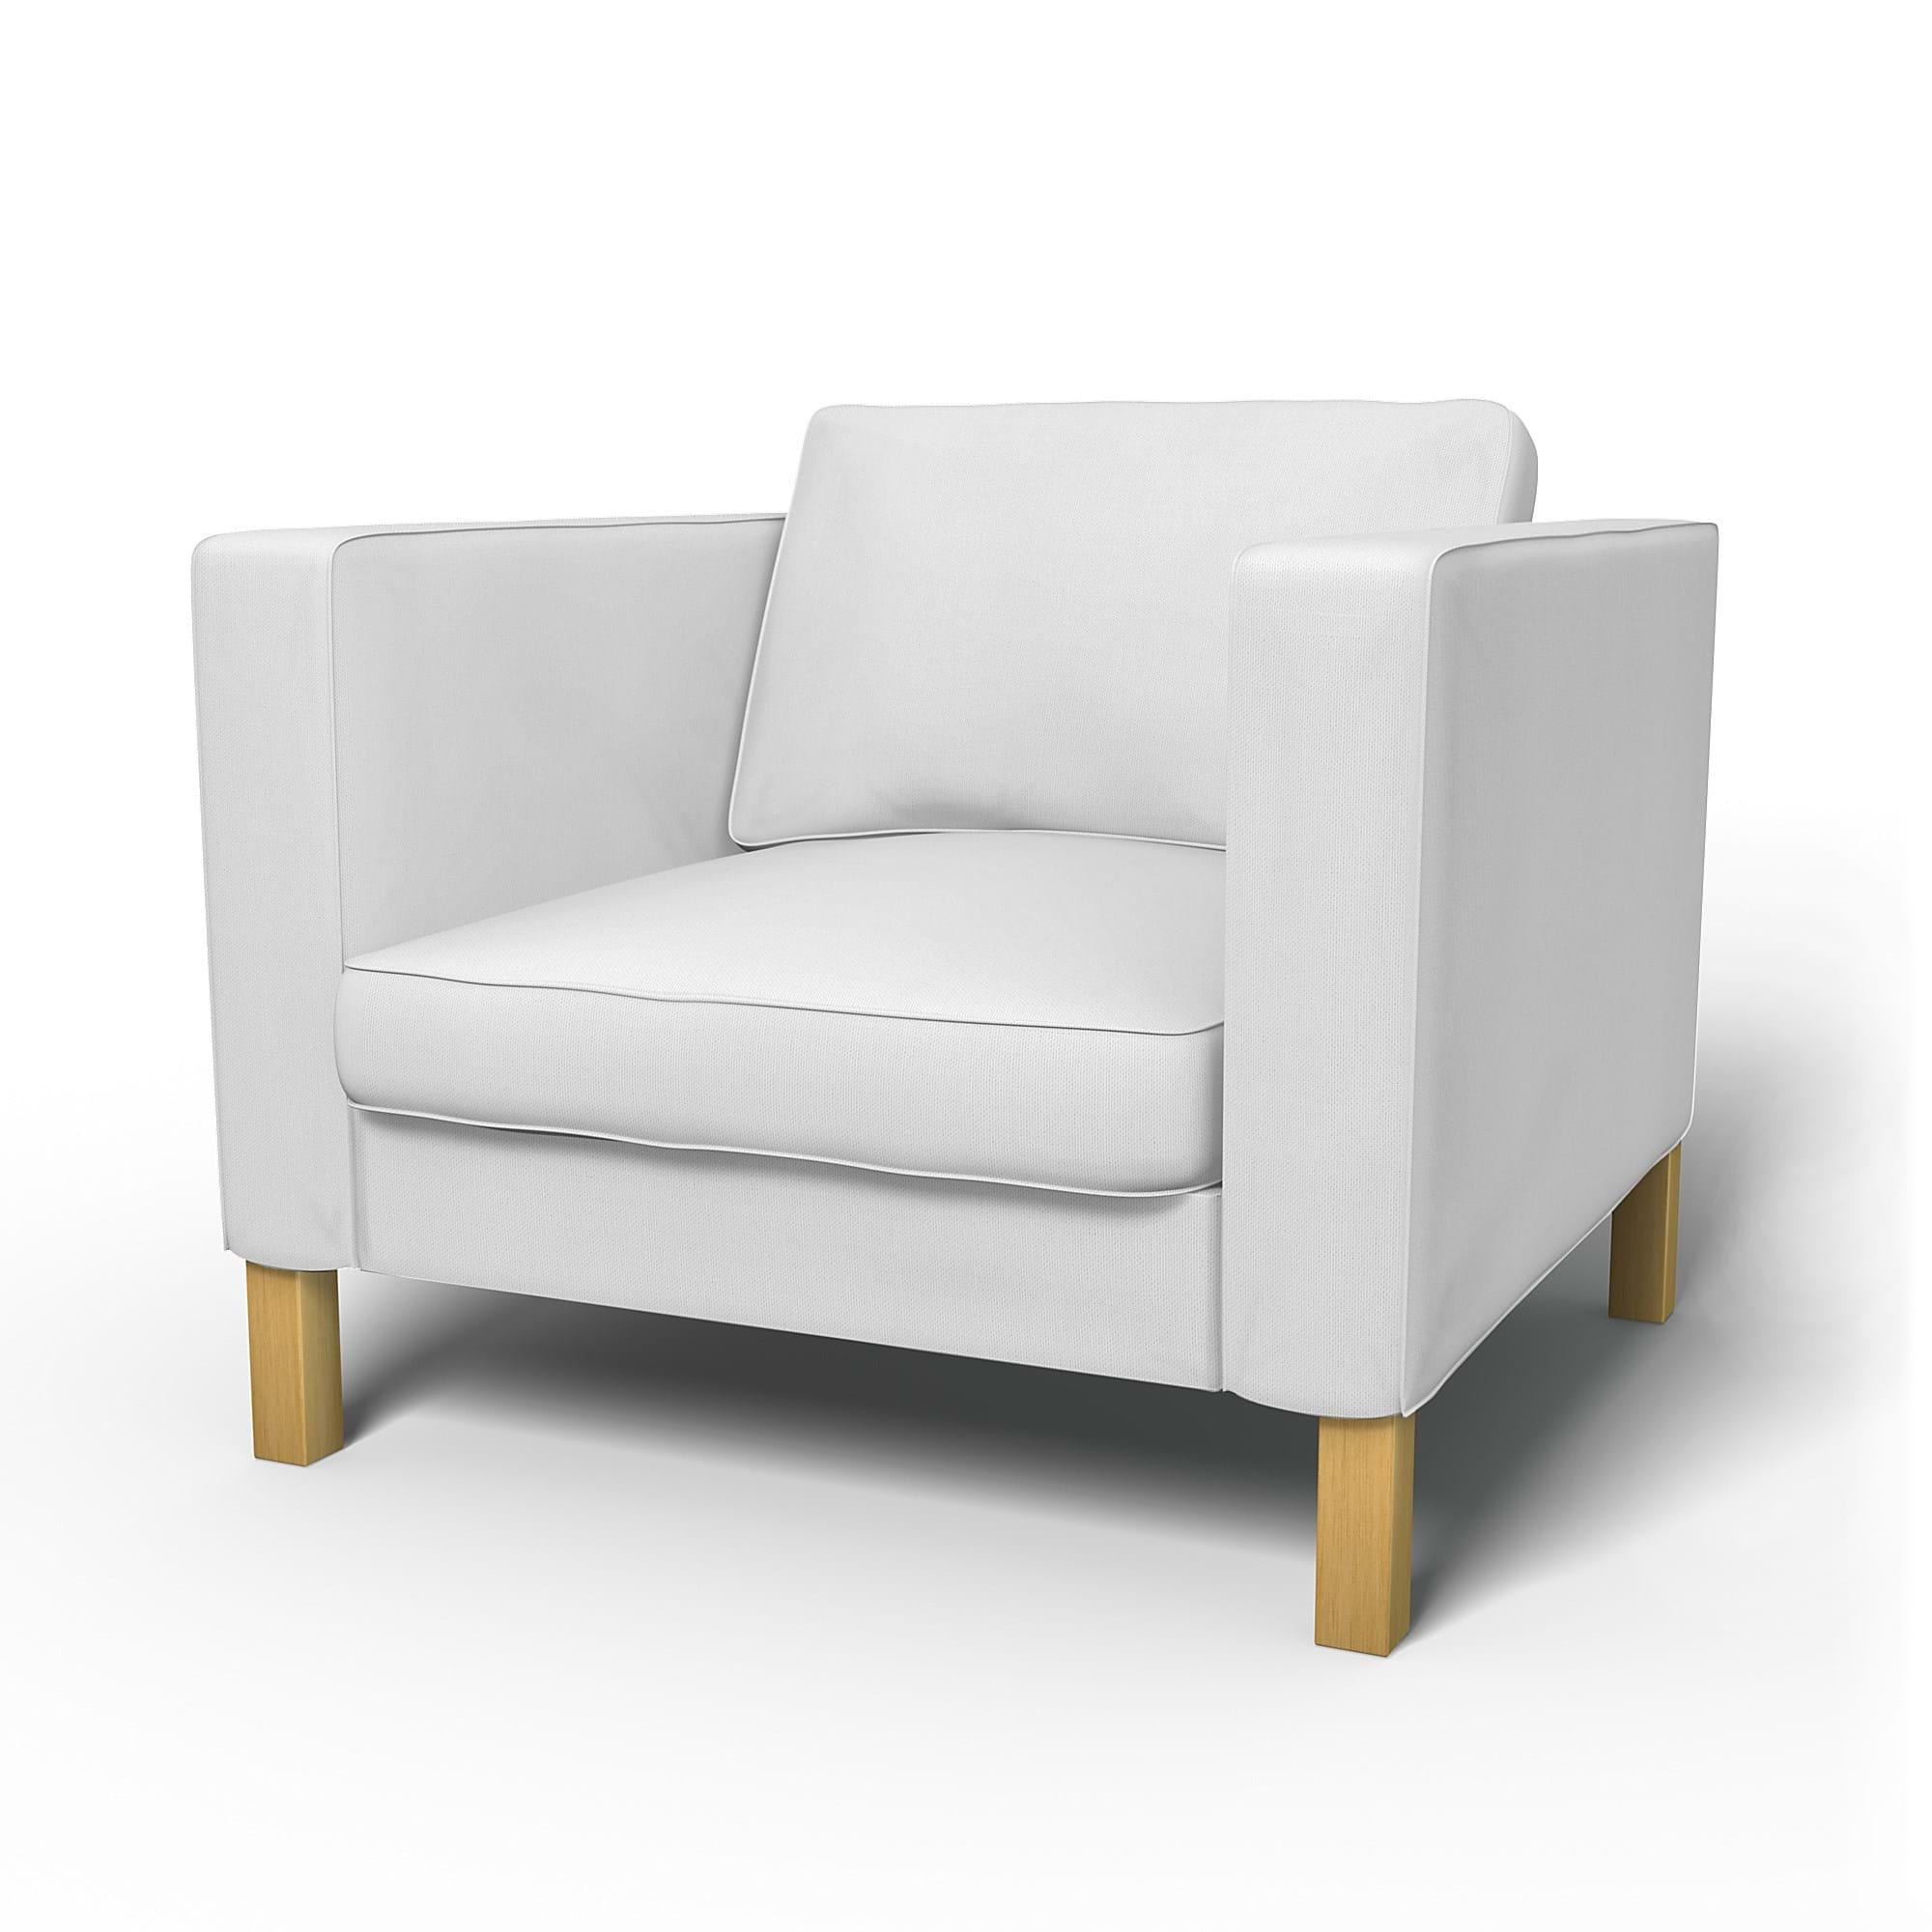 Kompletterande IKEA fåtöljöverdrag | fåtöljklädsel | Bemz